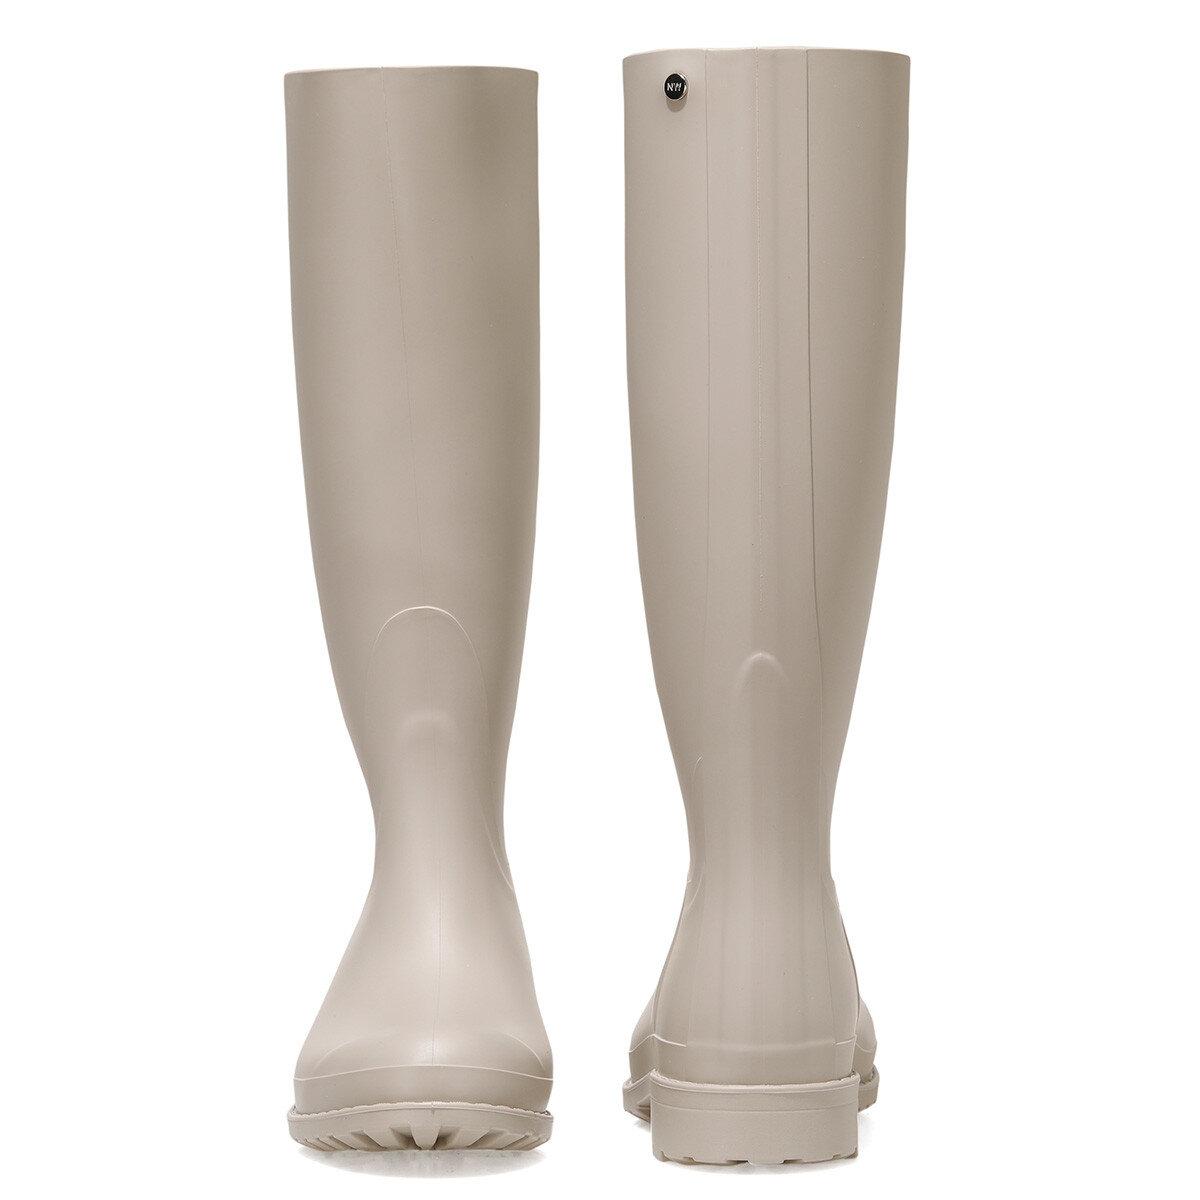 ANABEL Beyaz Kadın Yağmur Çizmesi